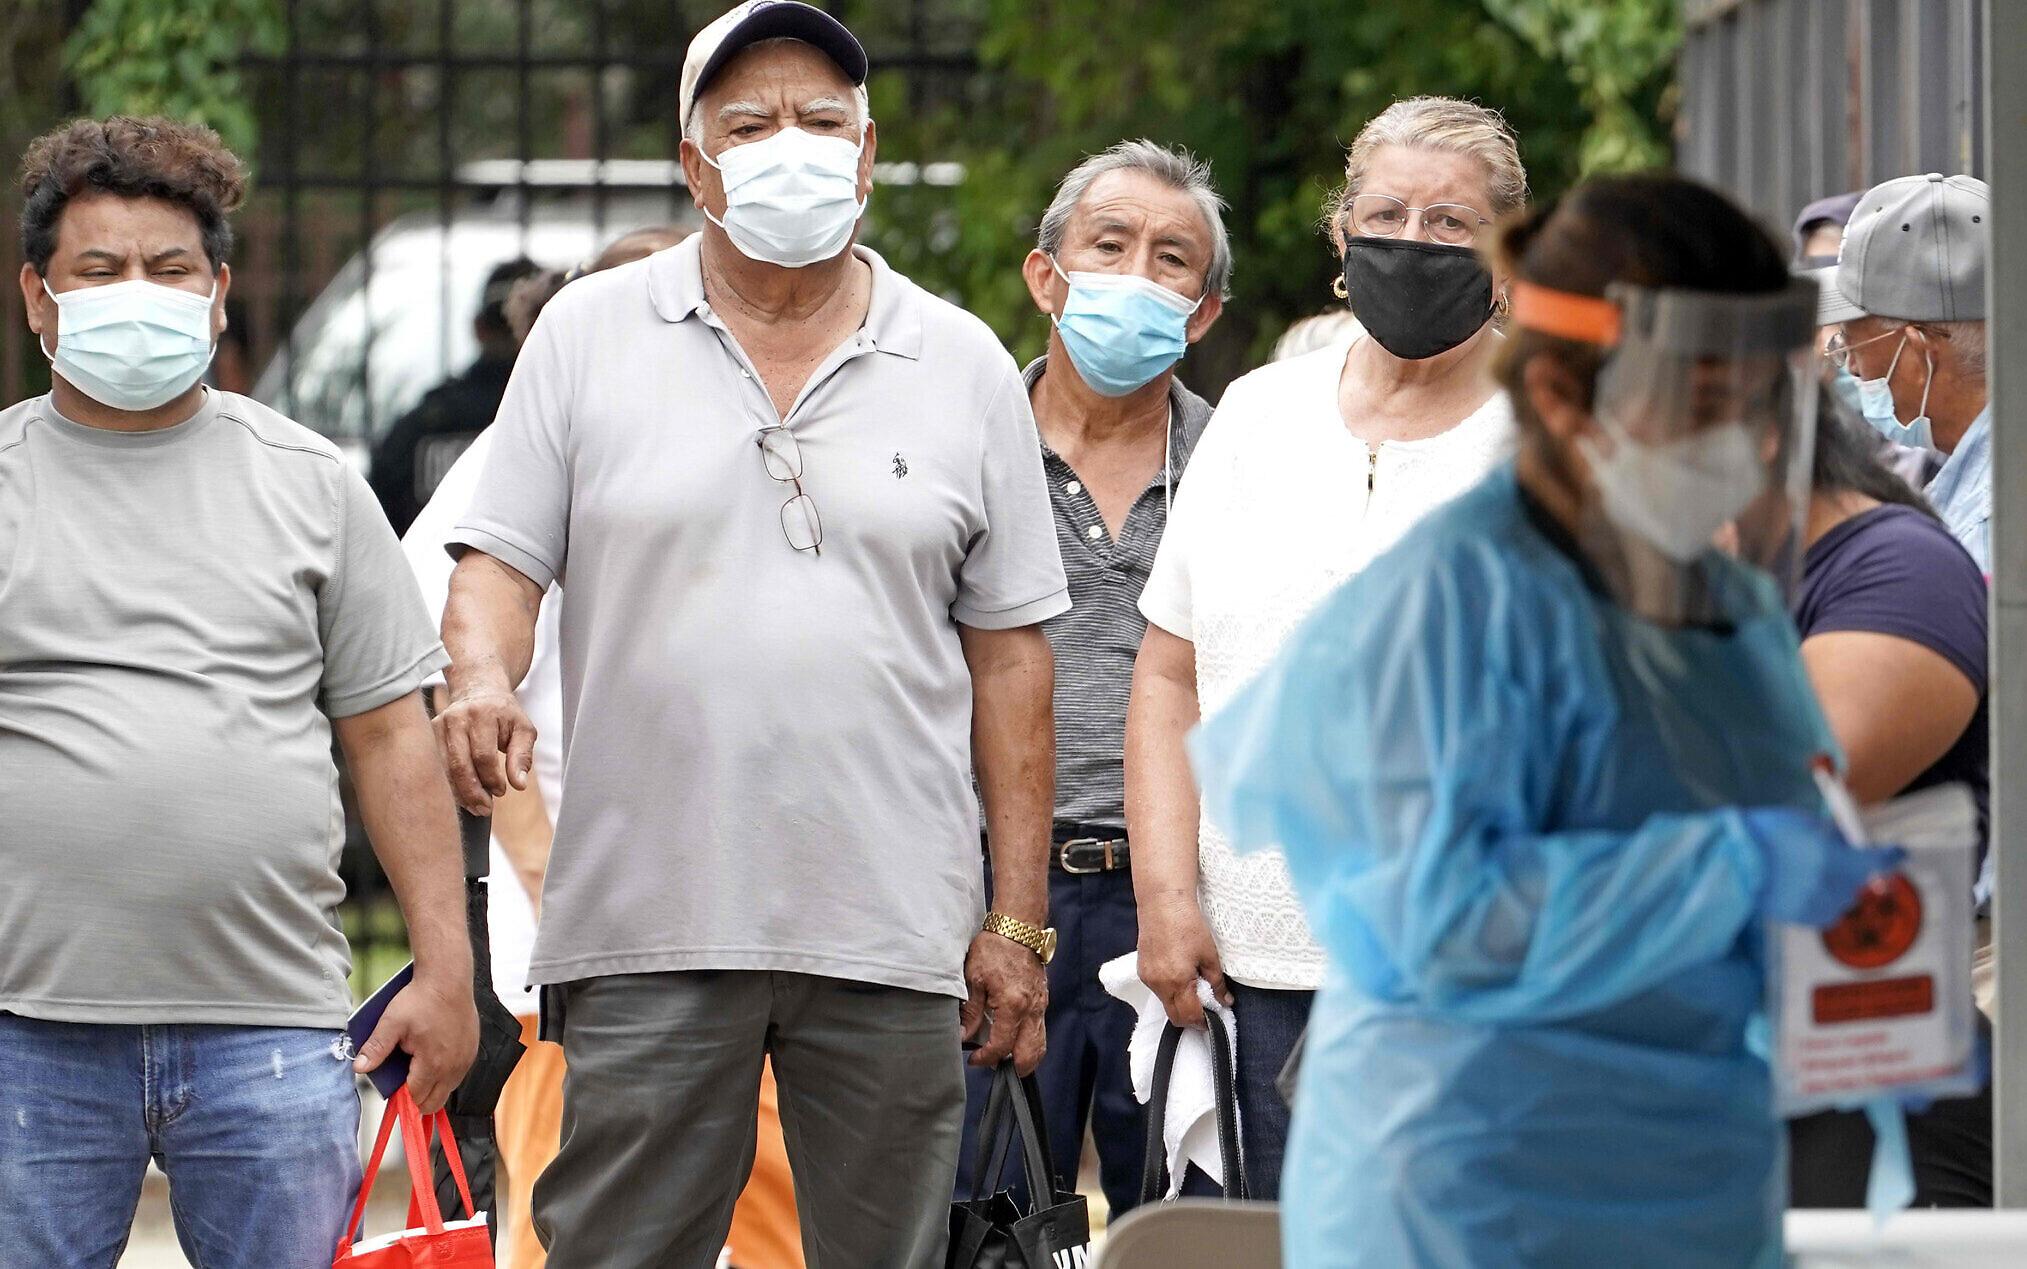 Texas Gov. Greg Abbott Issues Statewide Coronavirus Mask Order